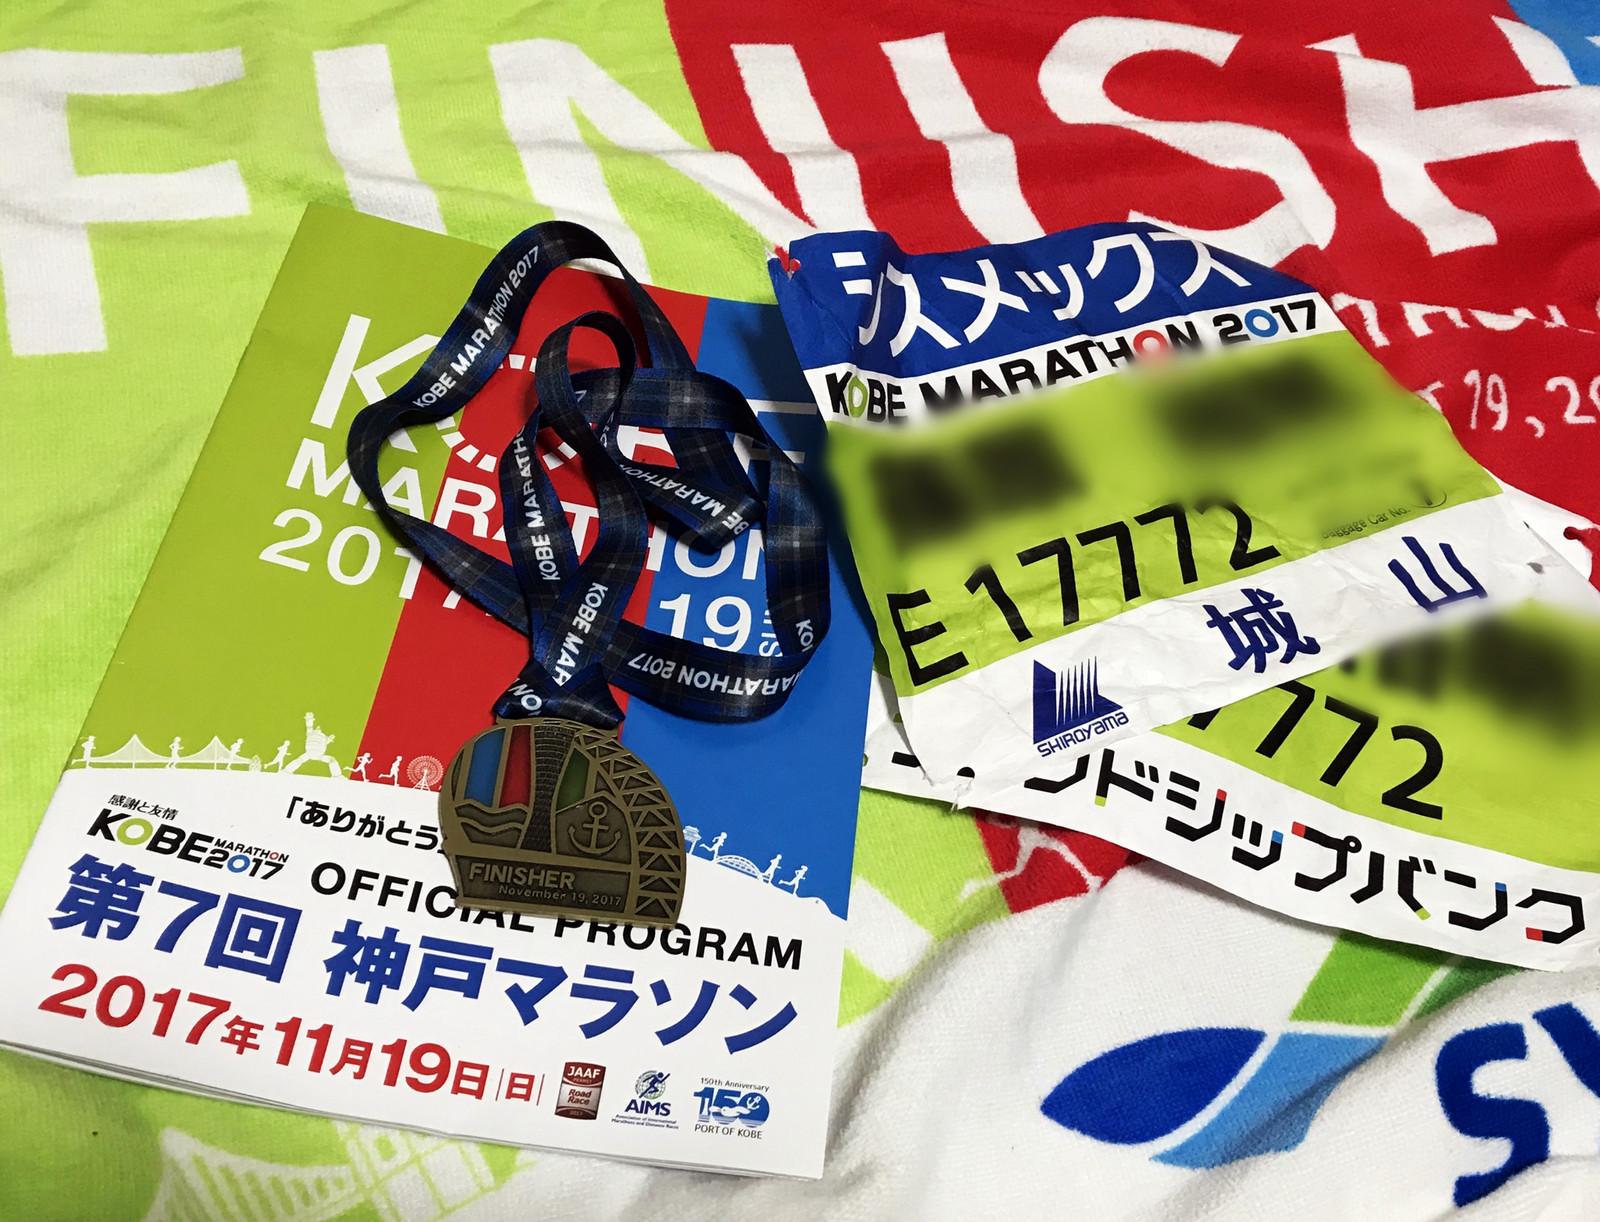 Kobemarathon2017